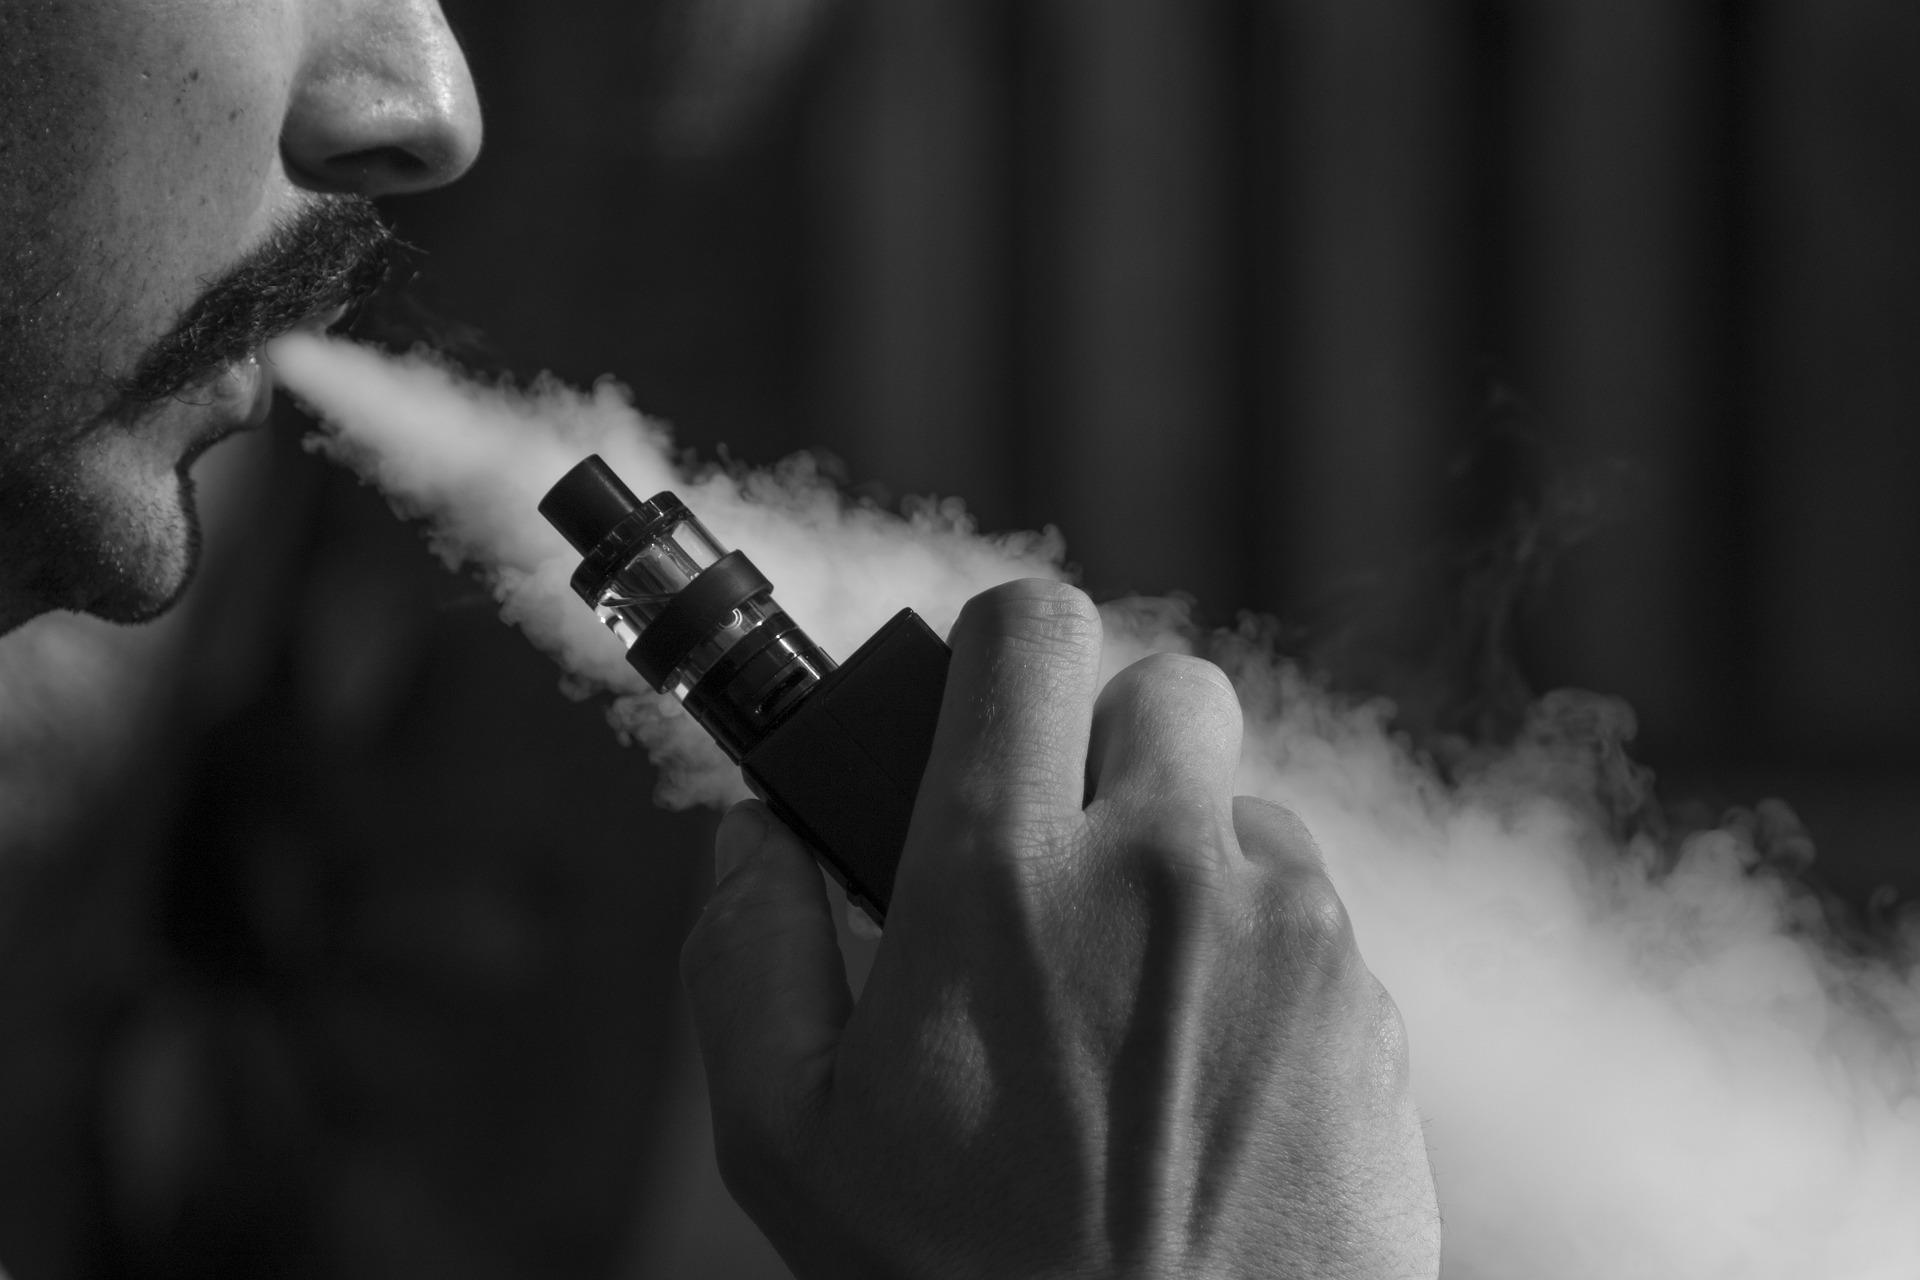 電子タバコは炎症や酸化ストレスを増やすか?